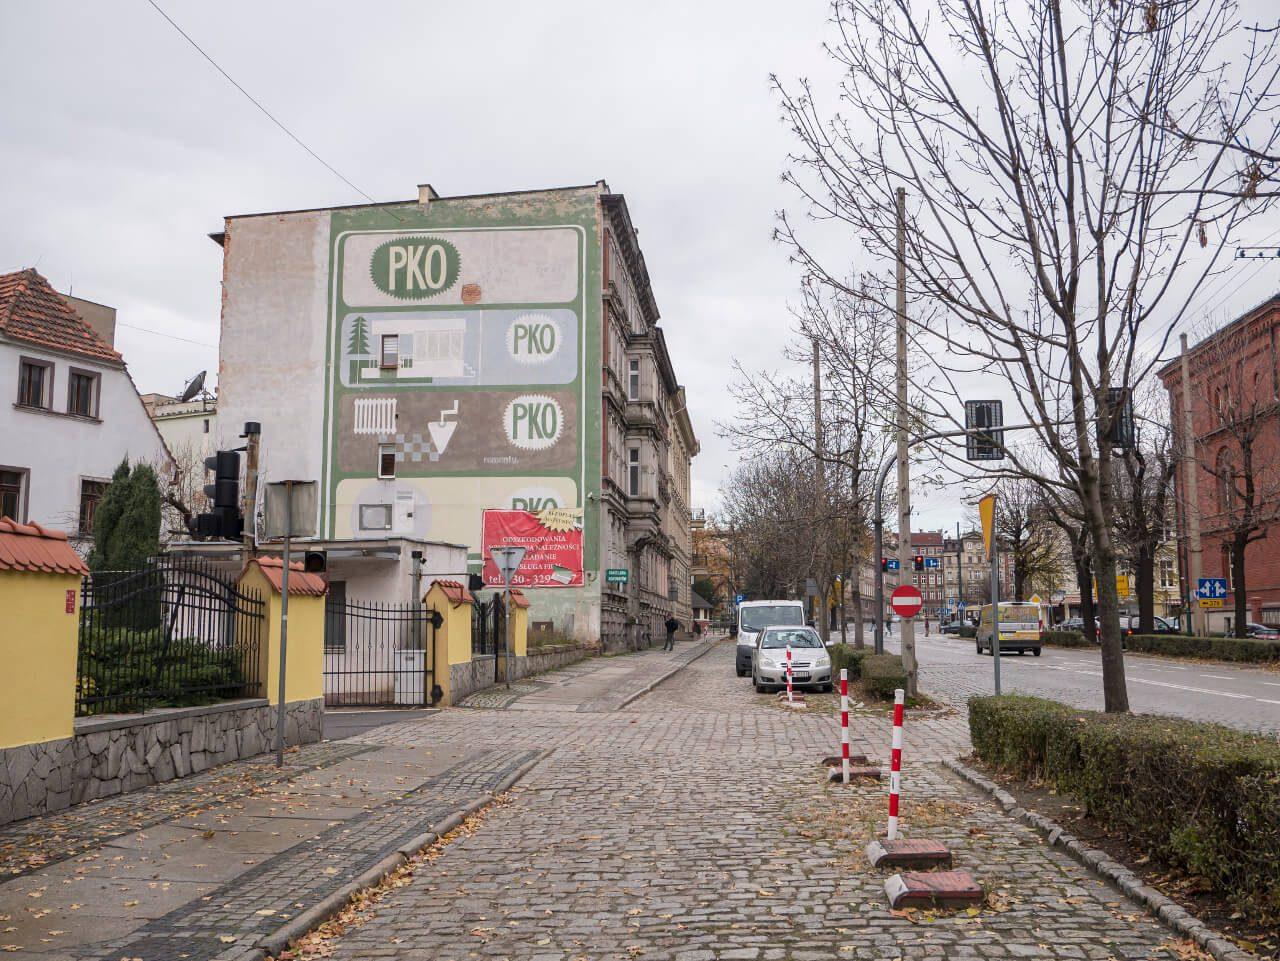 Reklama PKO - mural w Świdnicy